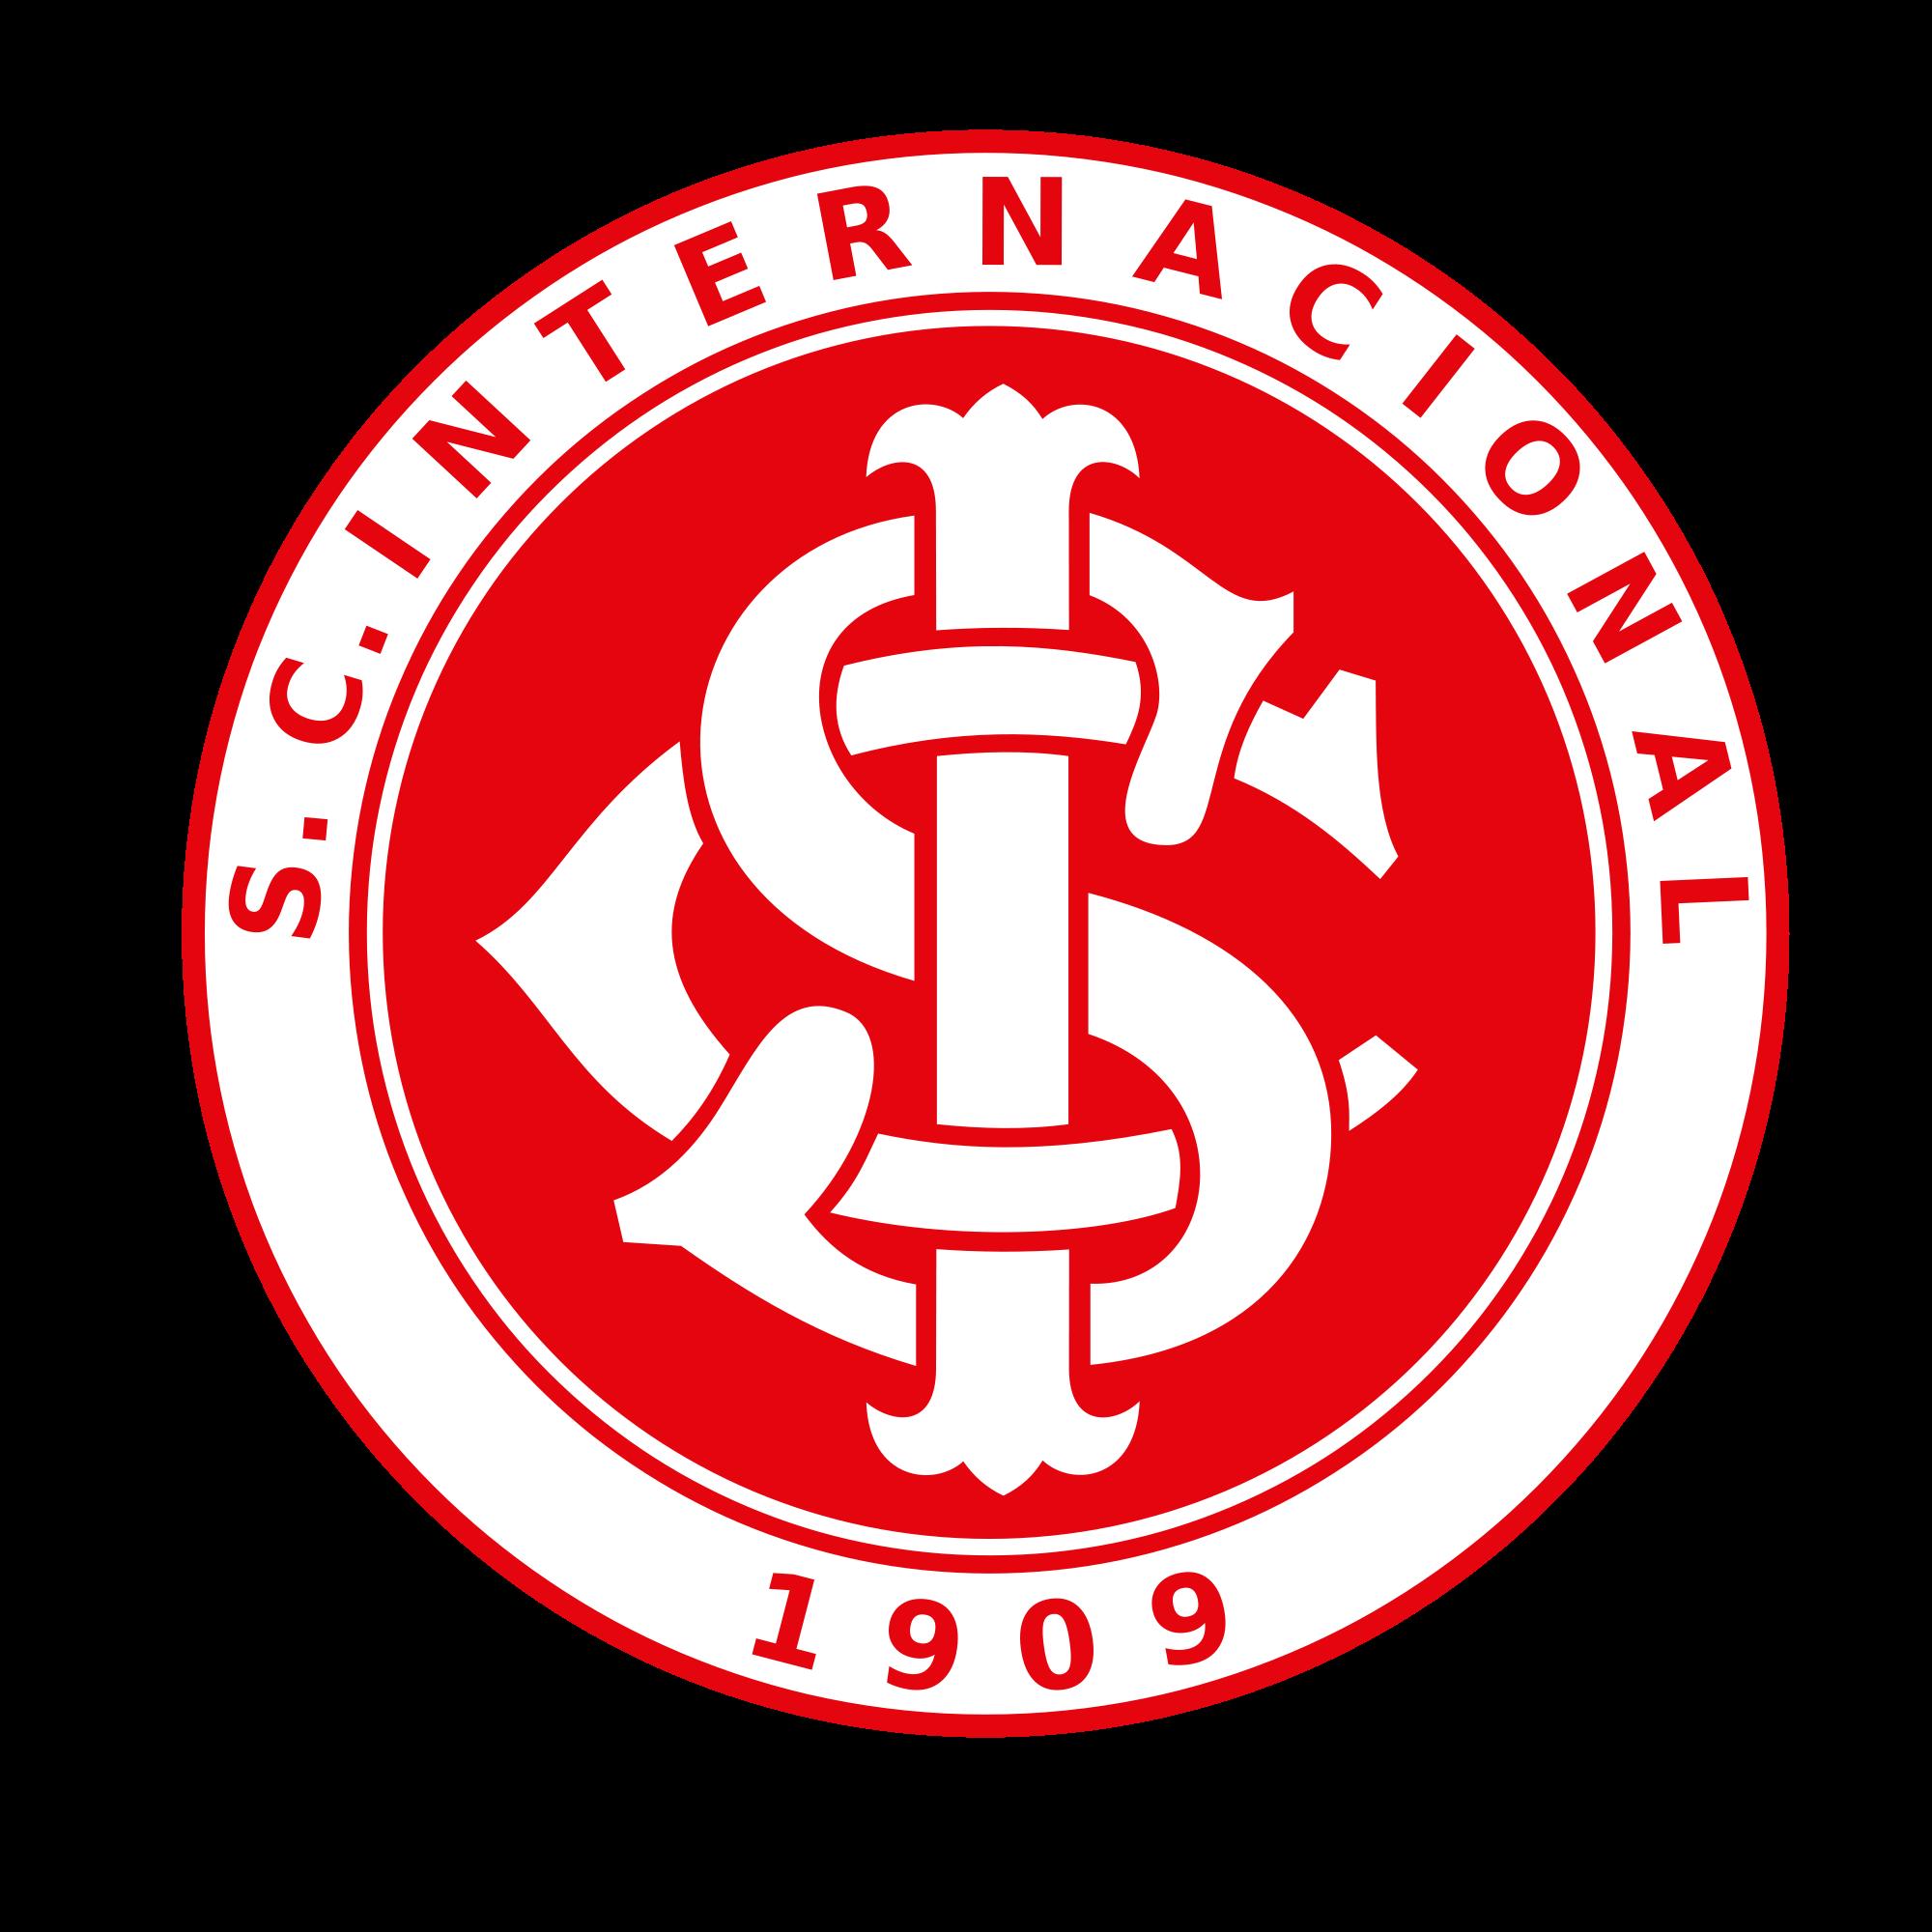 internacional porto alegre logo escudo 3 - SC Internacional Logo